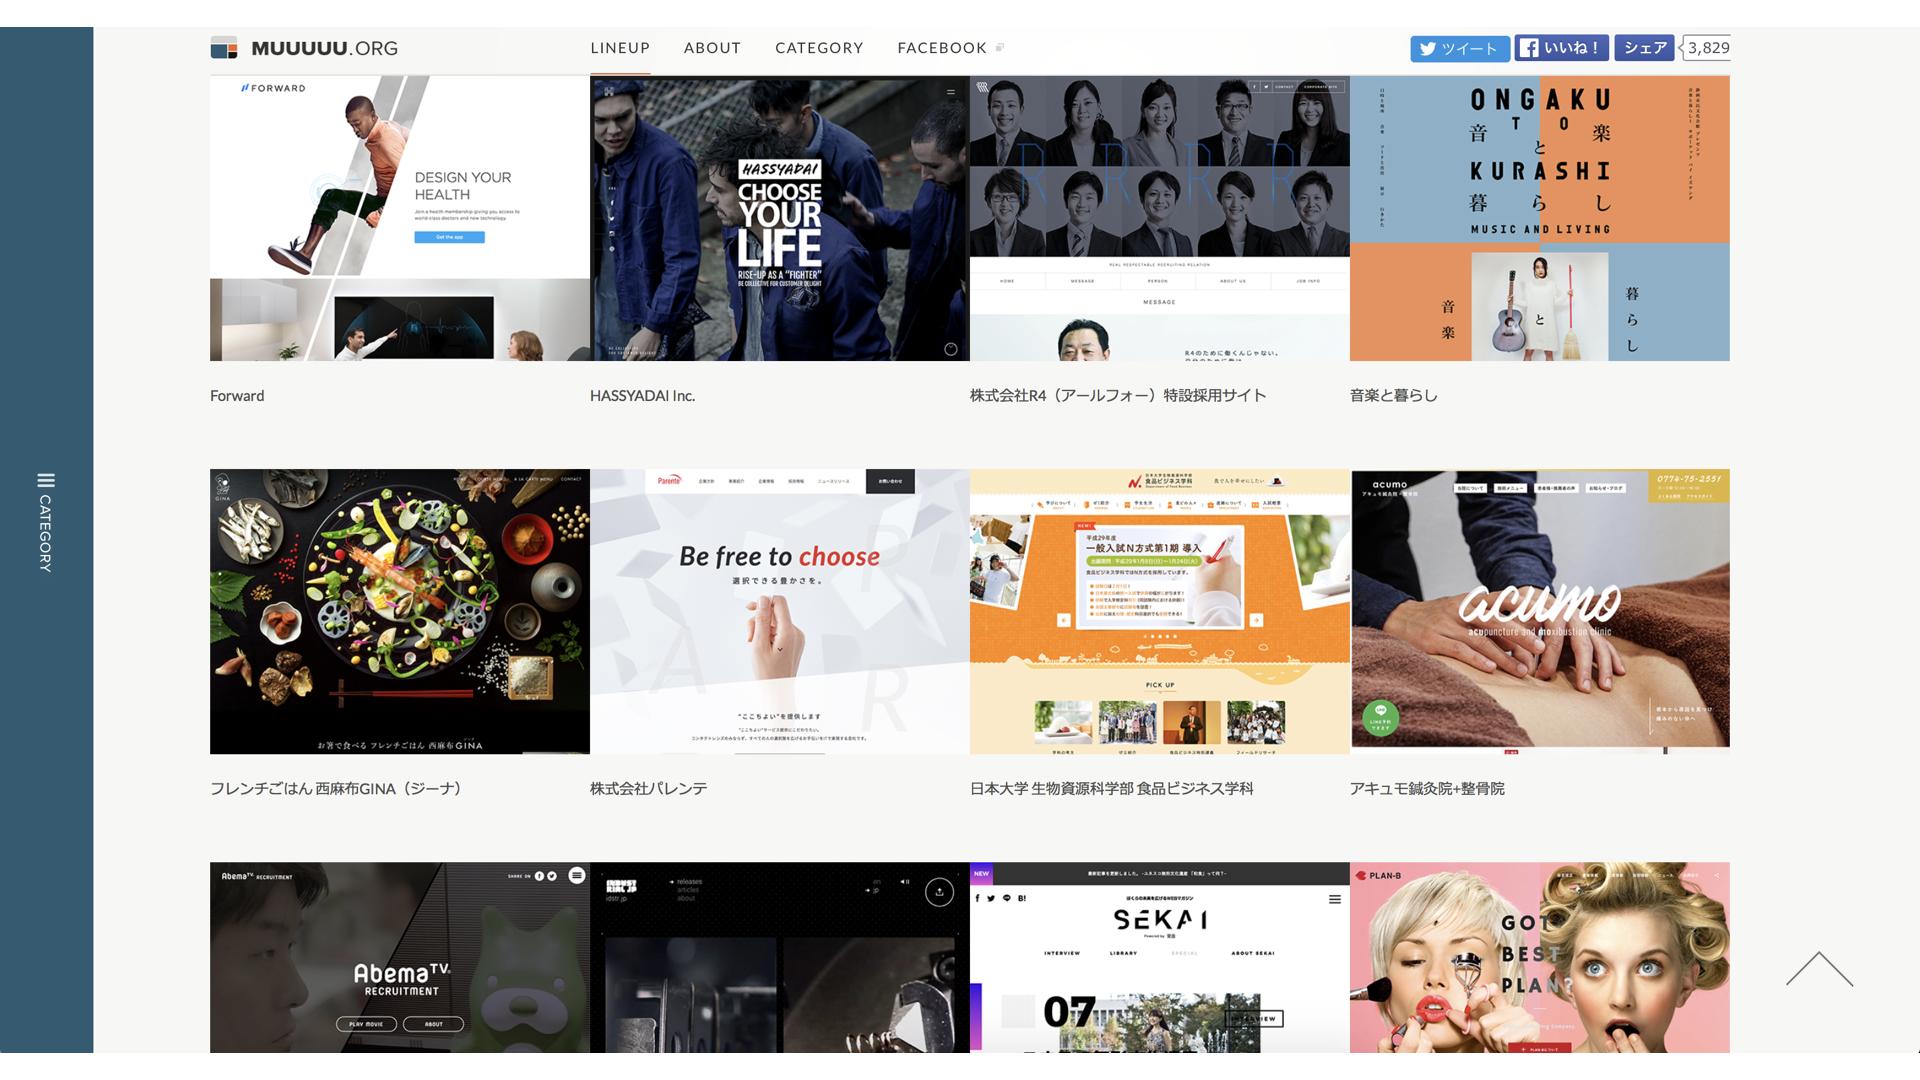 MUUUUU.ORG   來自日本的設計網站,可想而知裡頭有多少驚人的設計構想